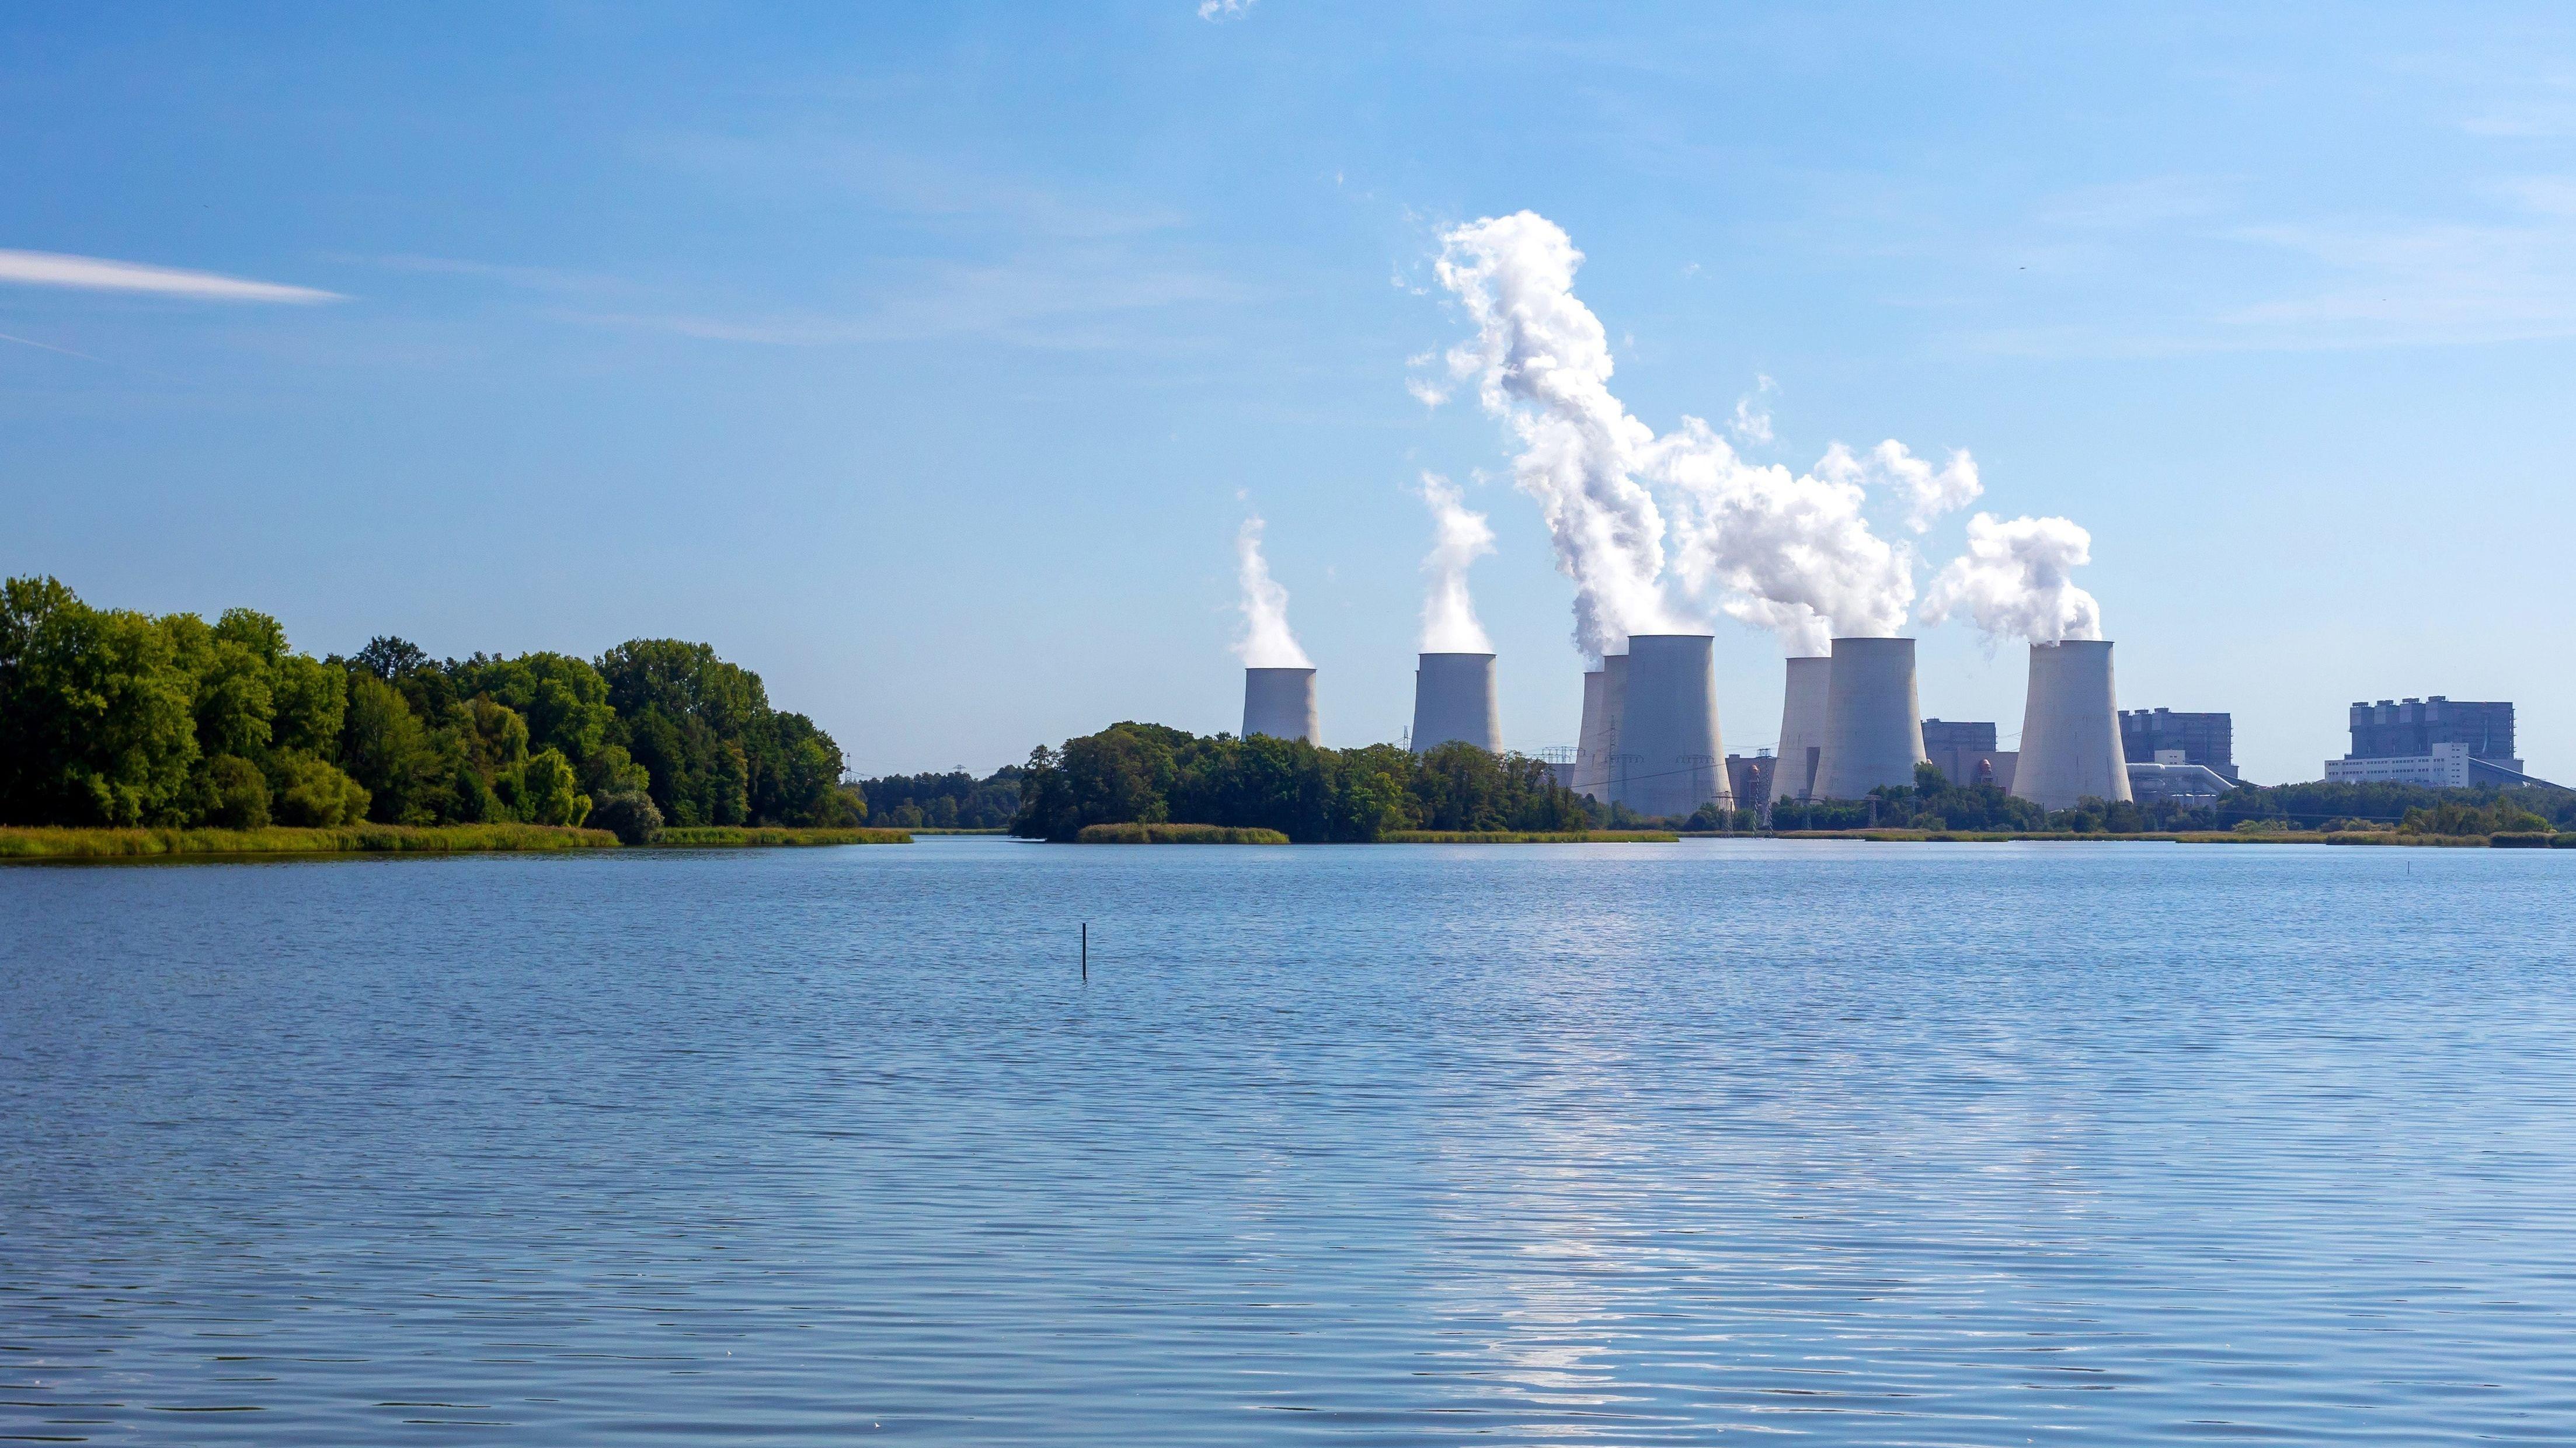 Ein Braunkohlekraftwerk - ein klassischer CO2-Verursacher